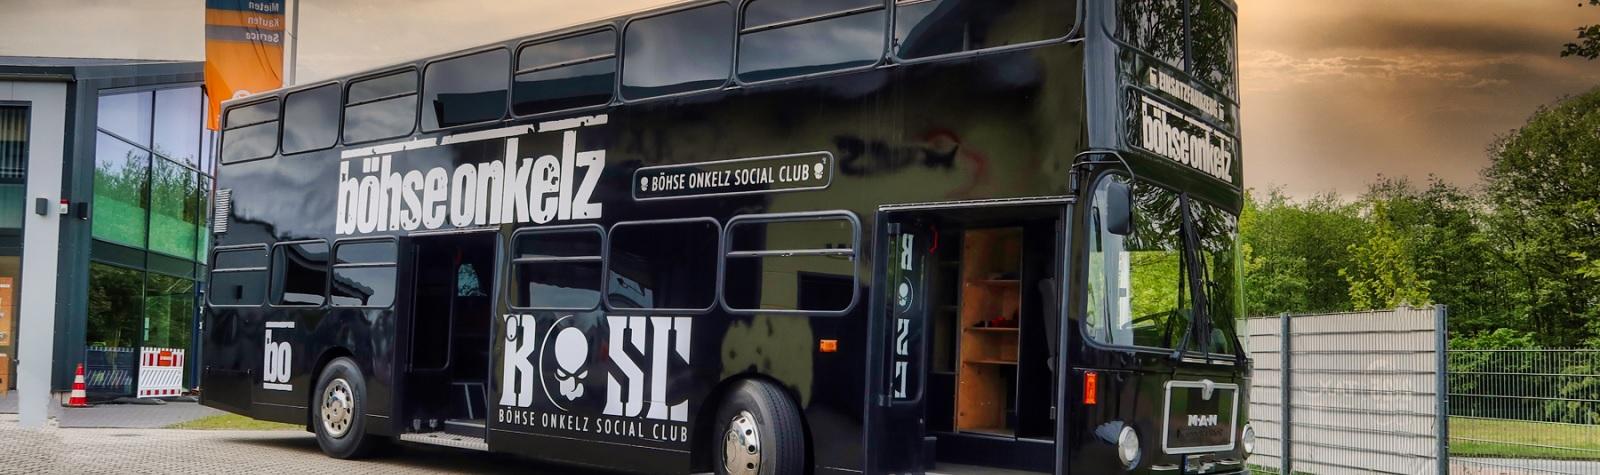 Projekt B.O.S.C. Bus: Hauptuntersuchung